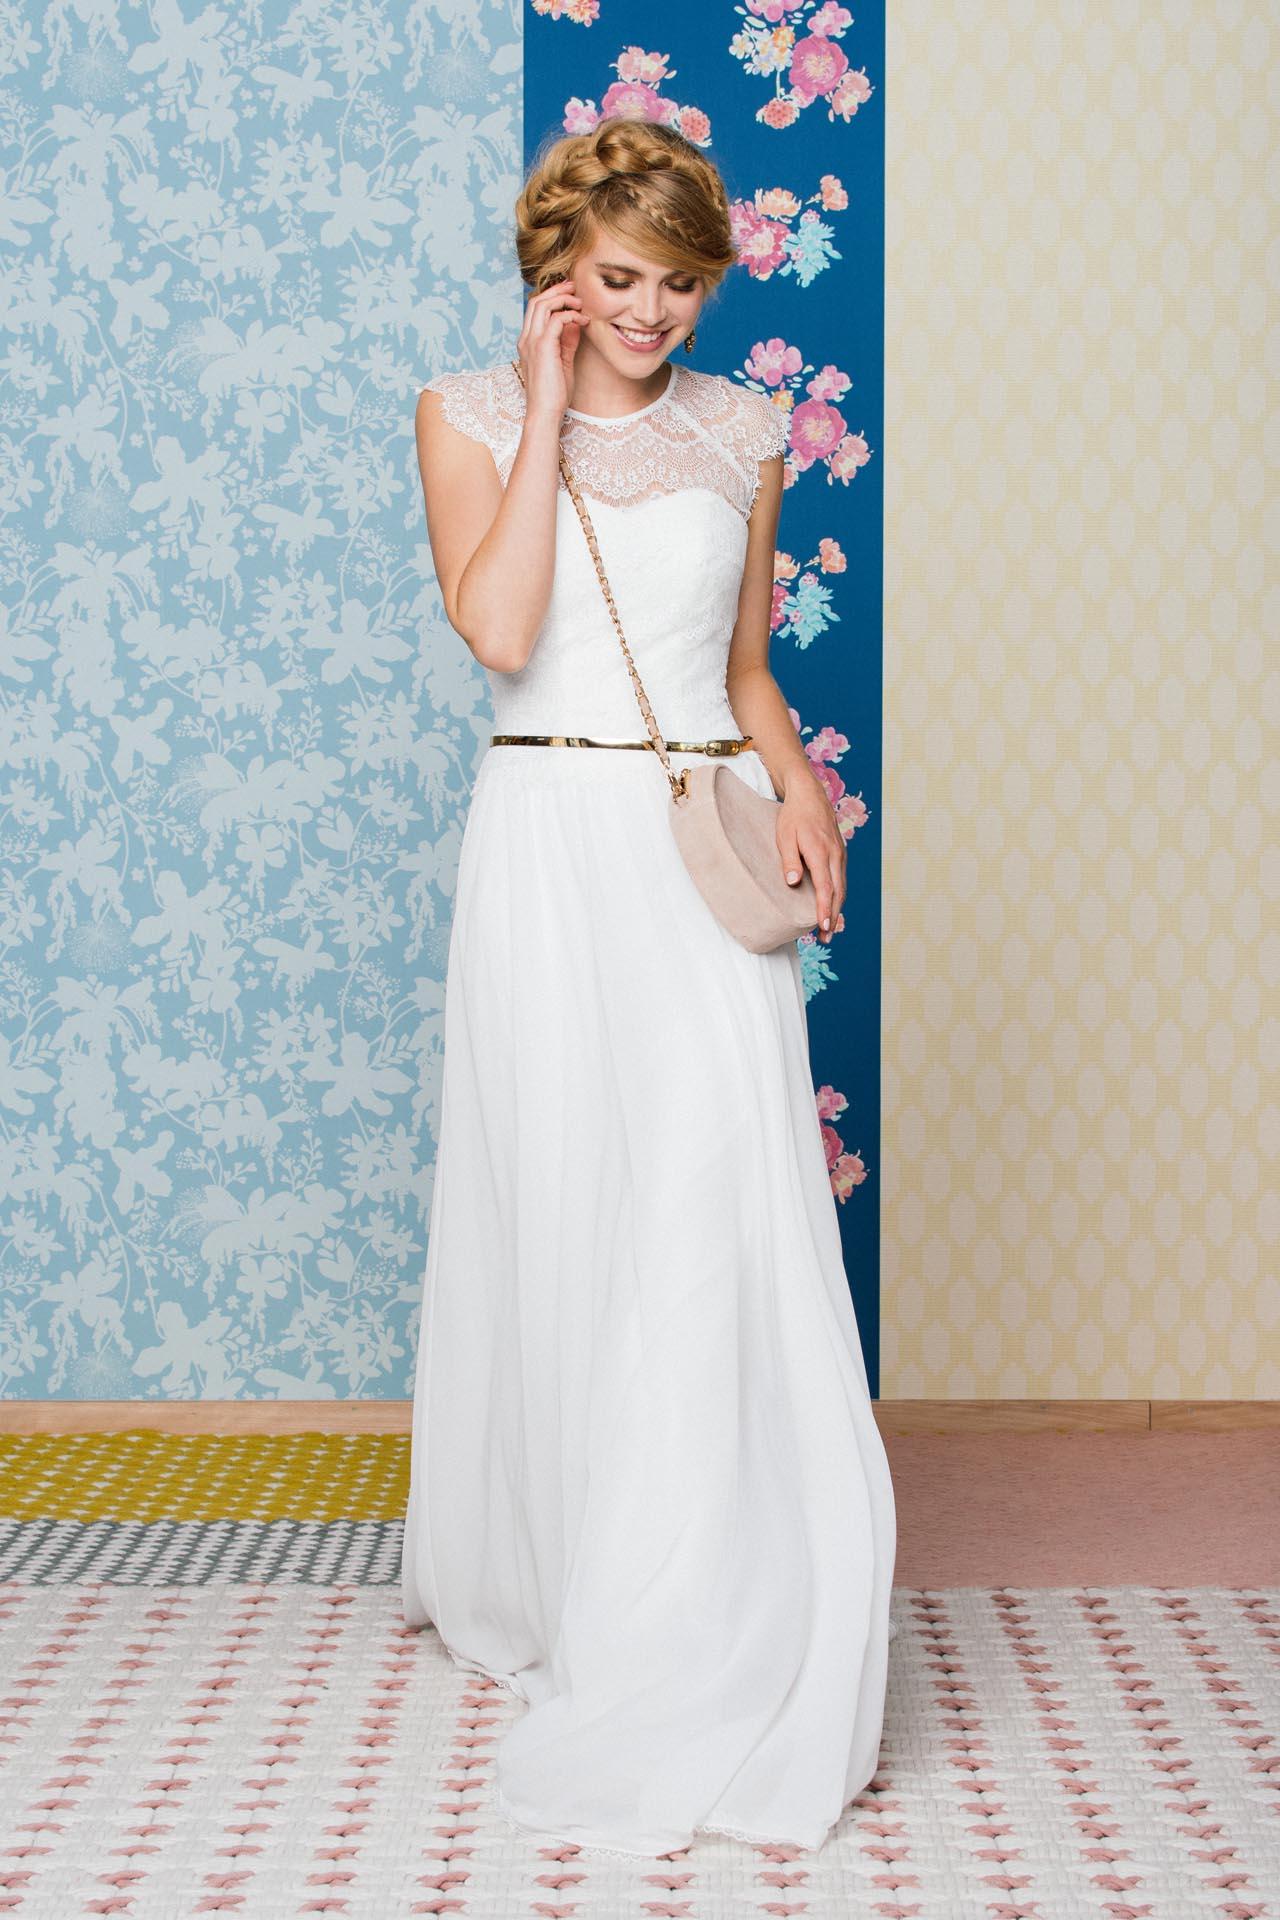 Kussdiebraut Brautkleider 2019 Hochzeitsblog The Little Wedding Corner